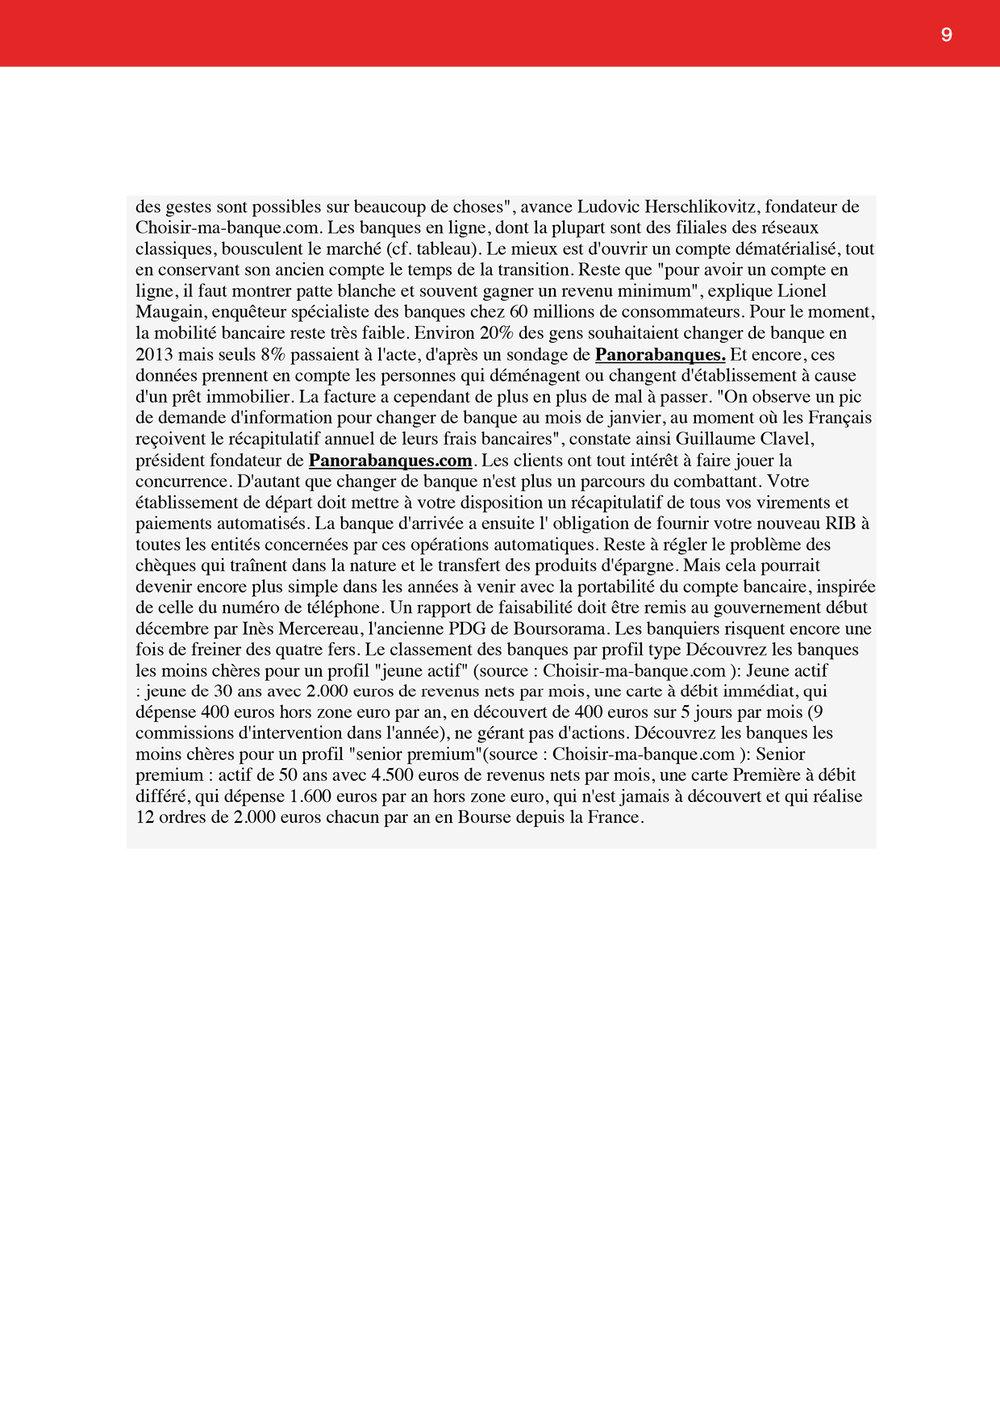 BOOKMEDIA_SEPT_09.jpg